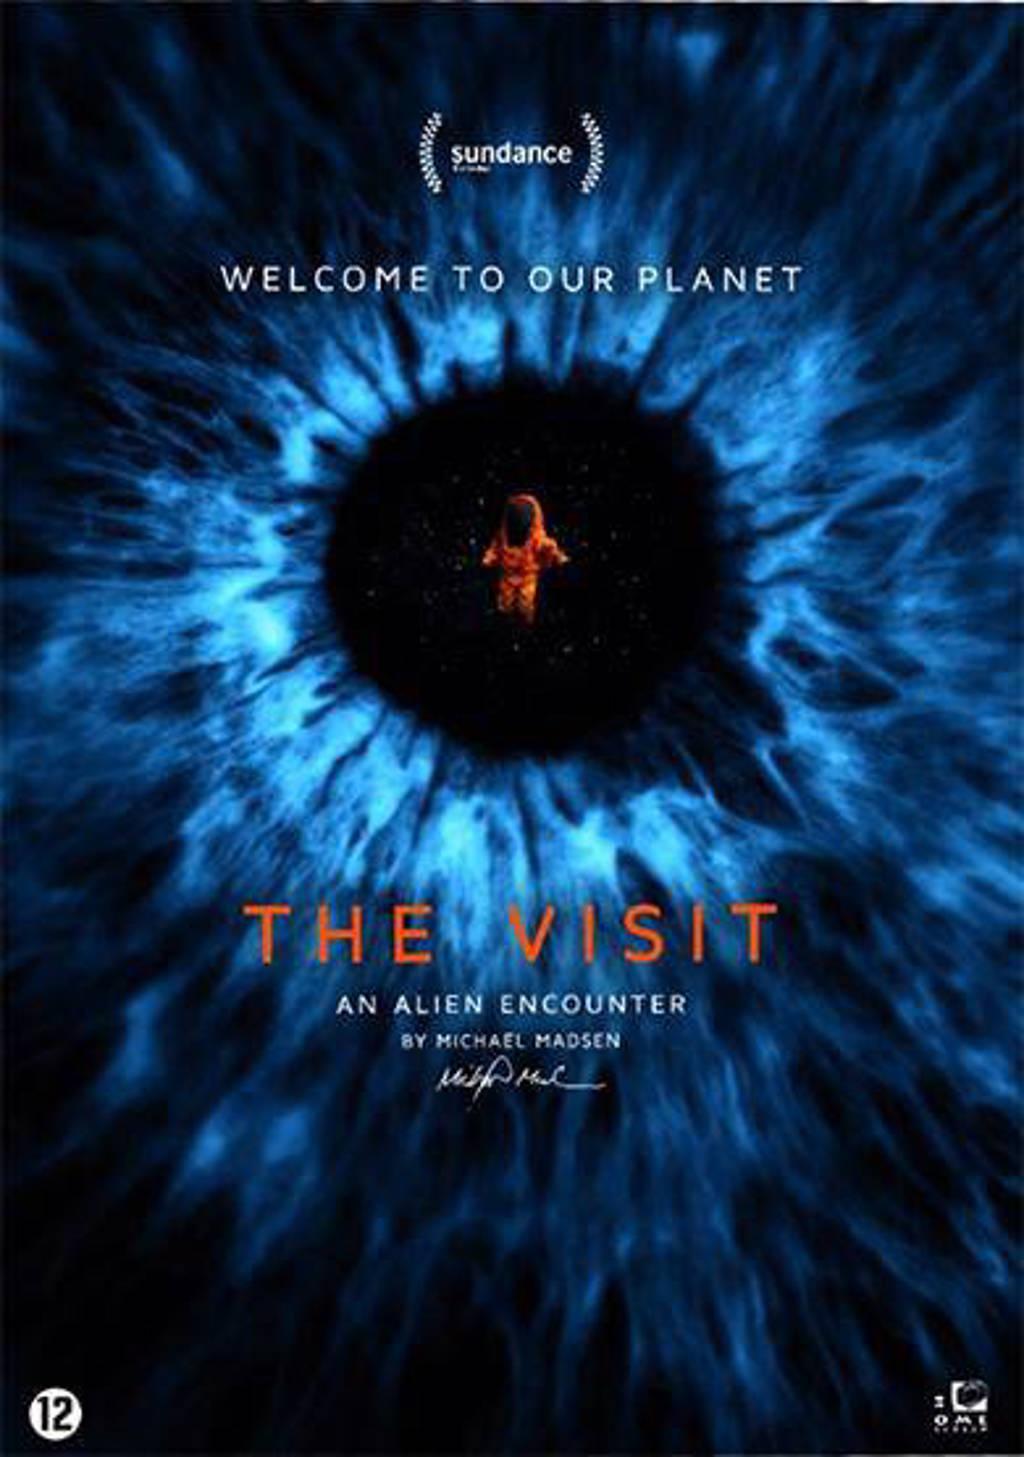 Visit - An alien encounter (DVD)